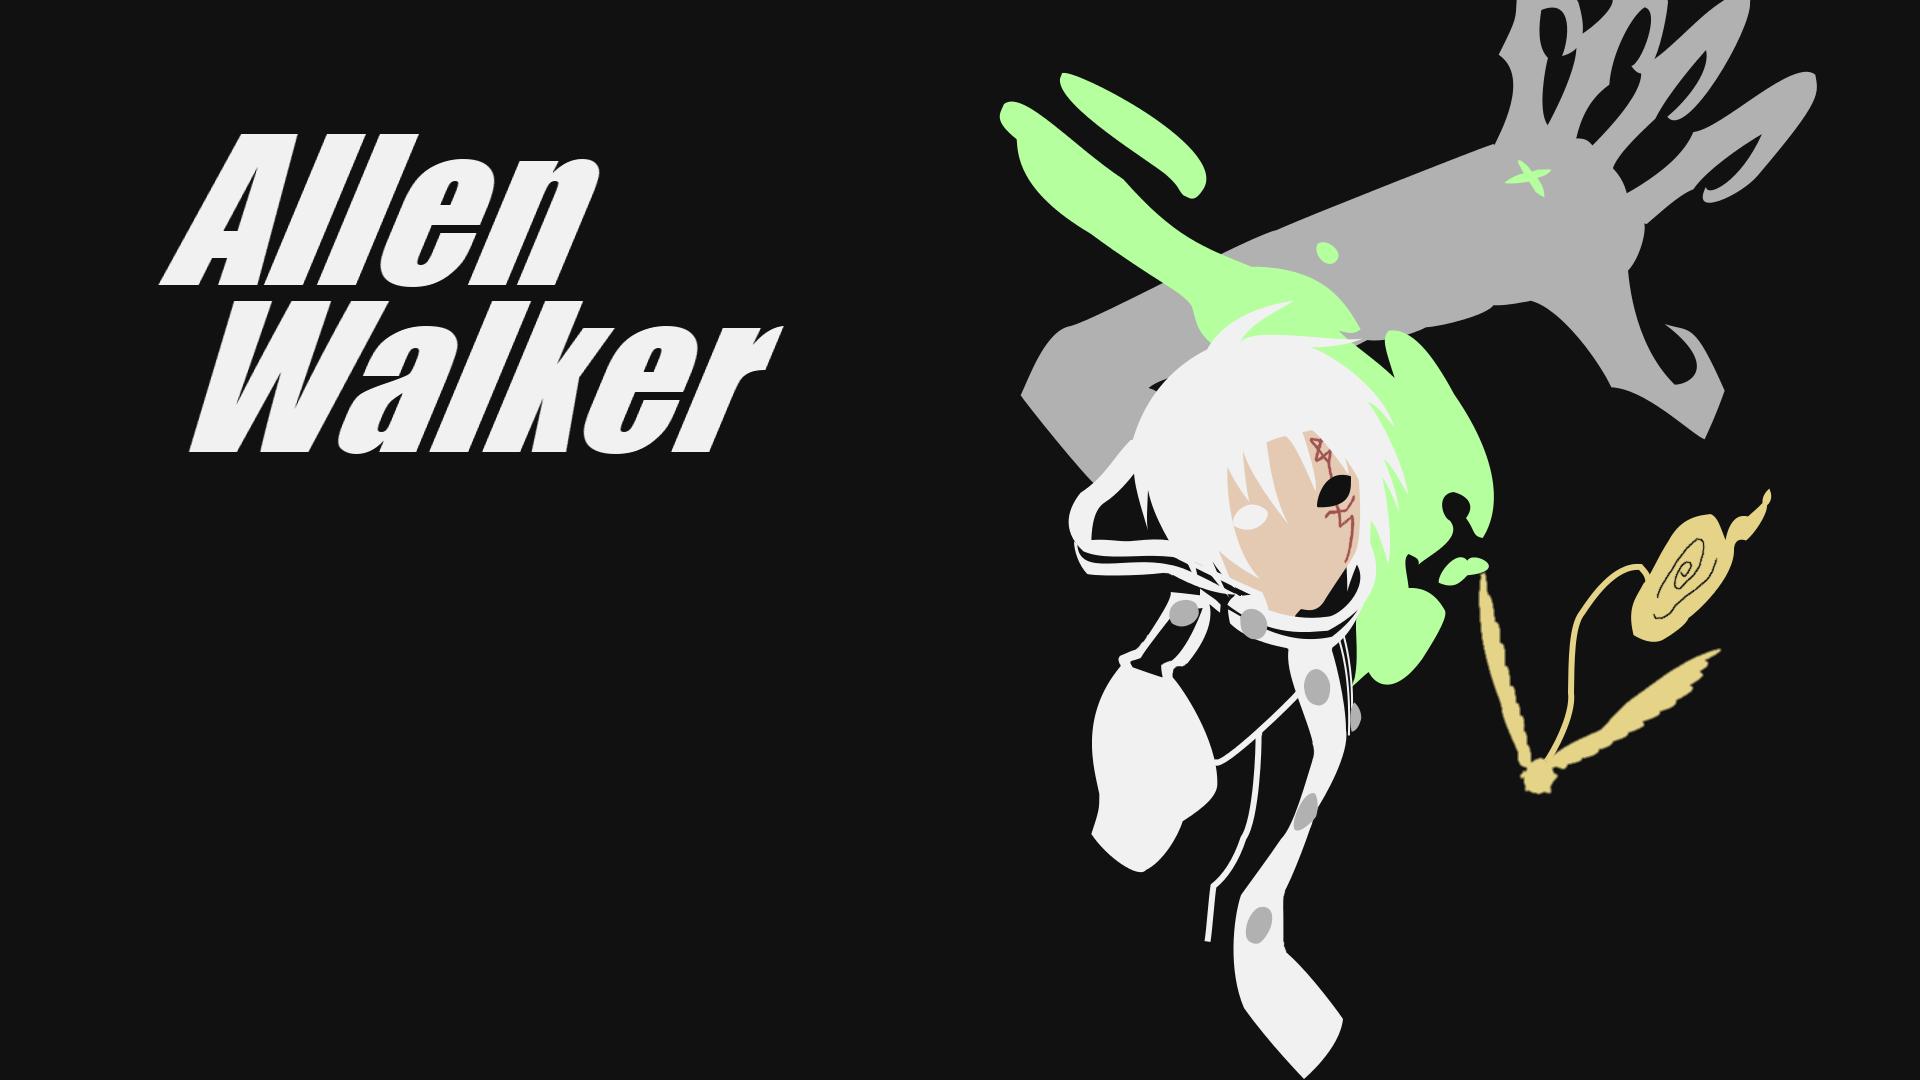 Walker PNG HD - 124704